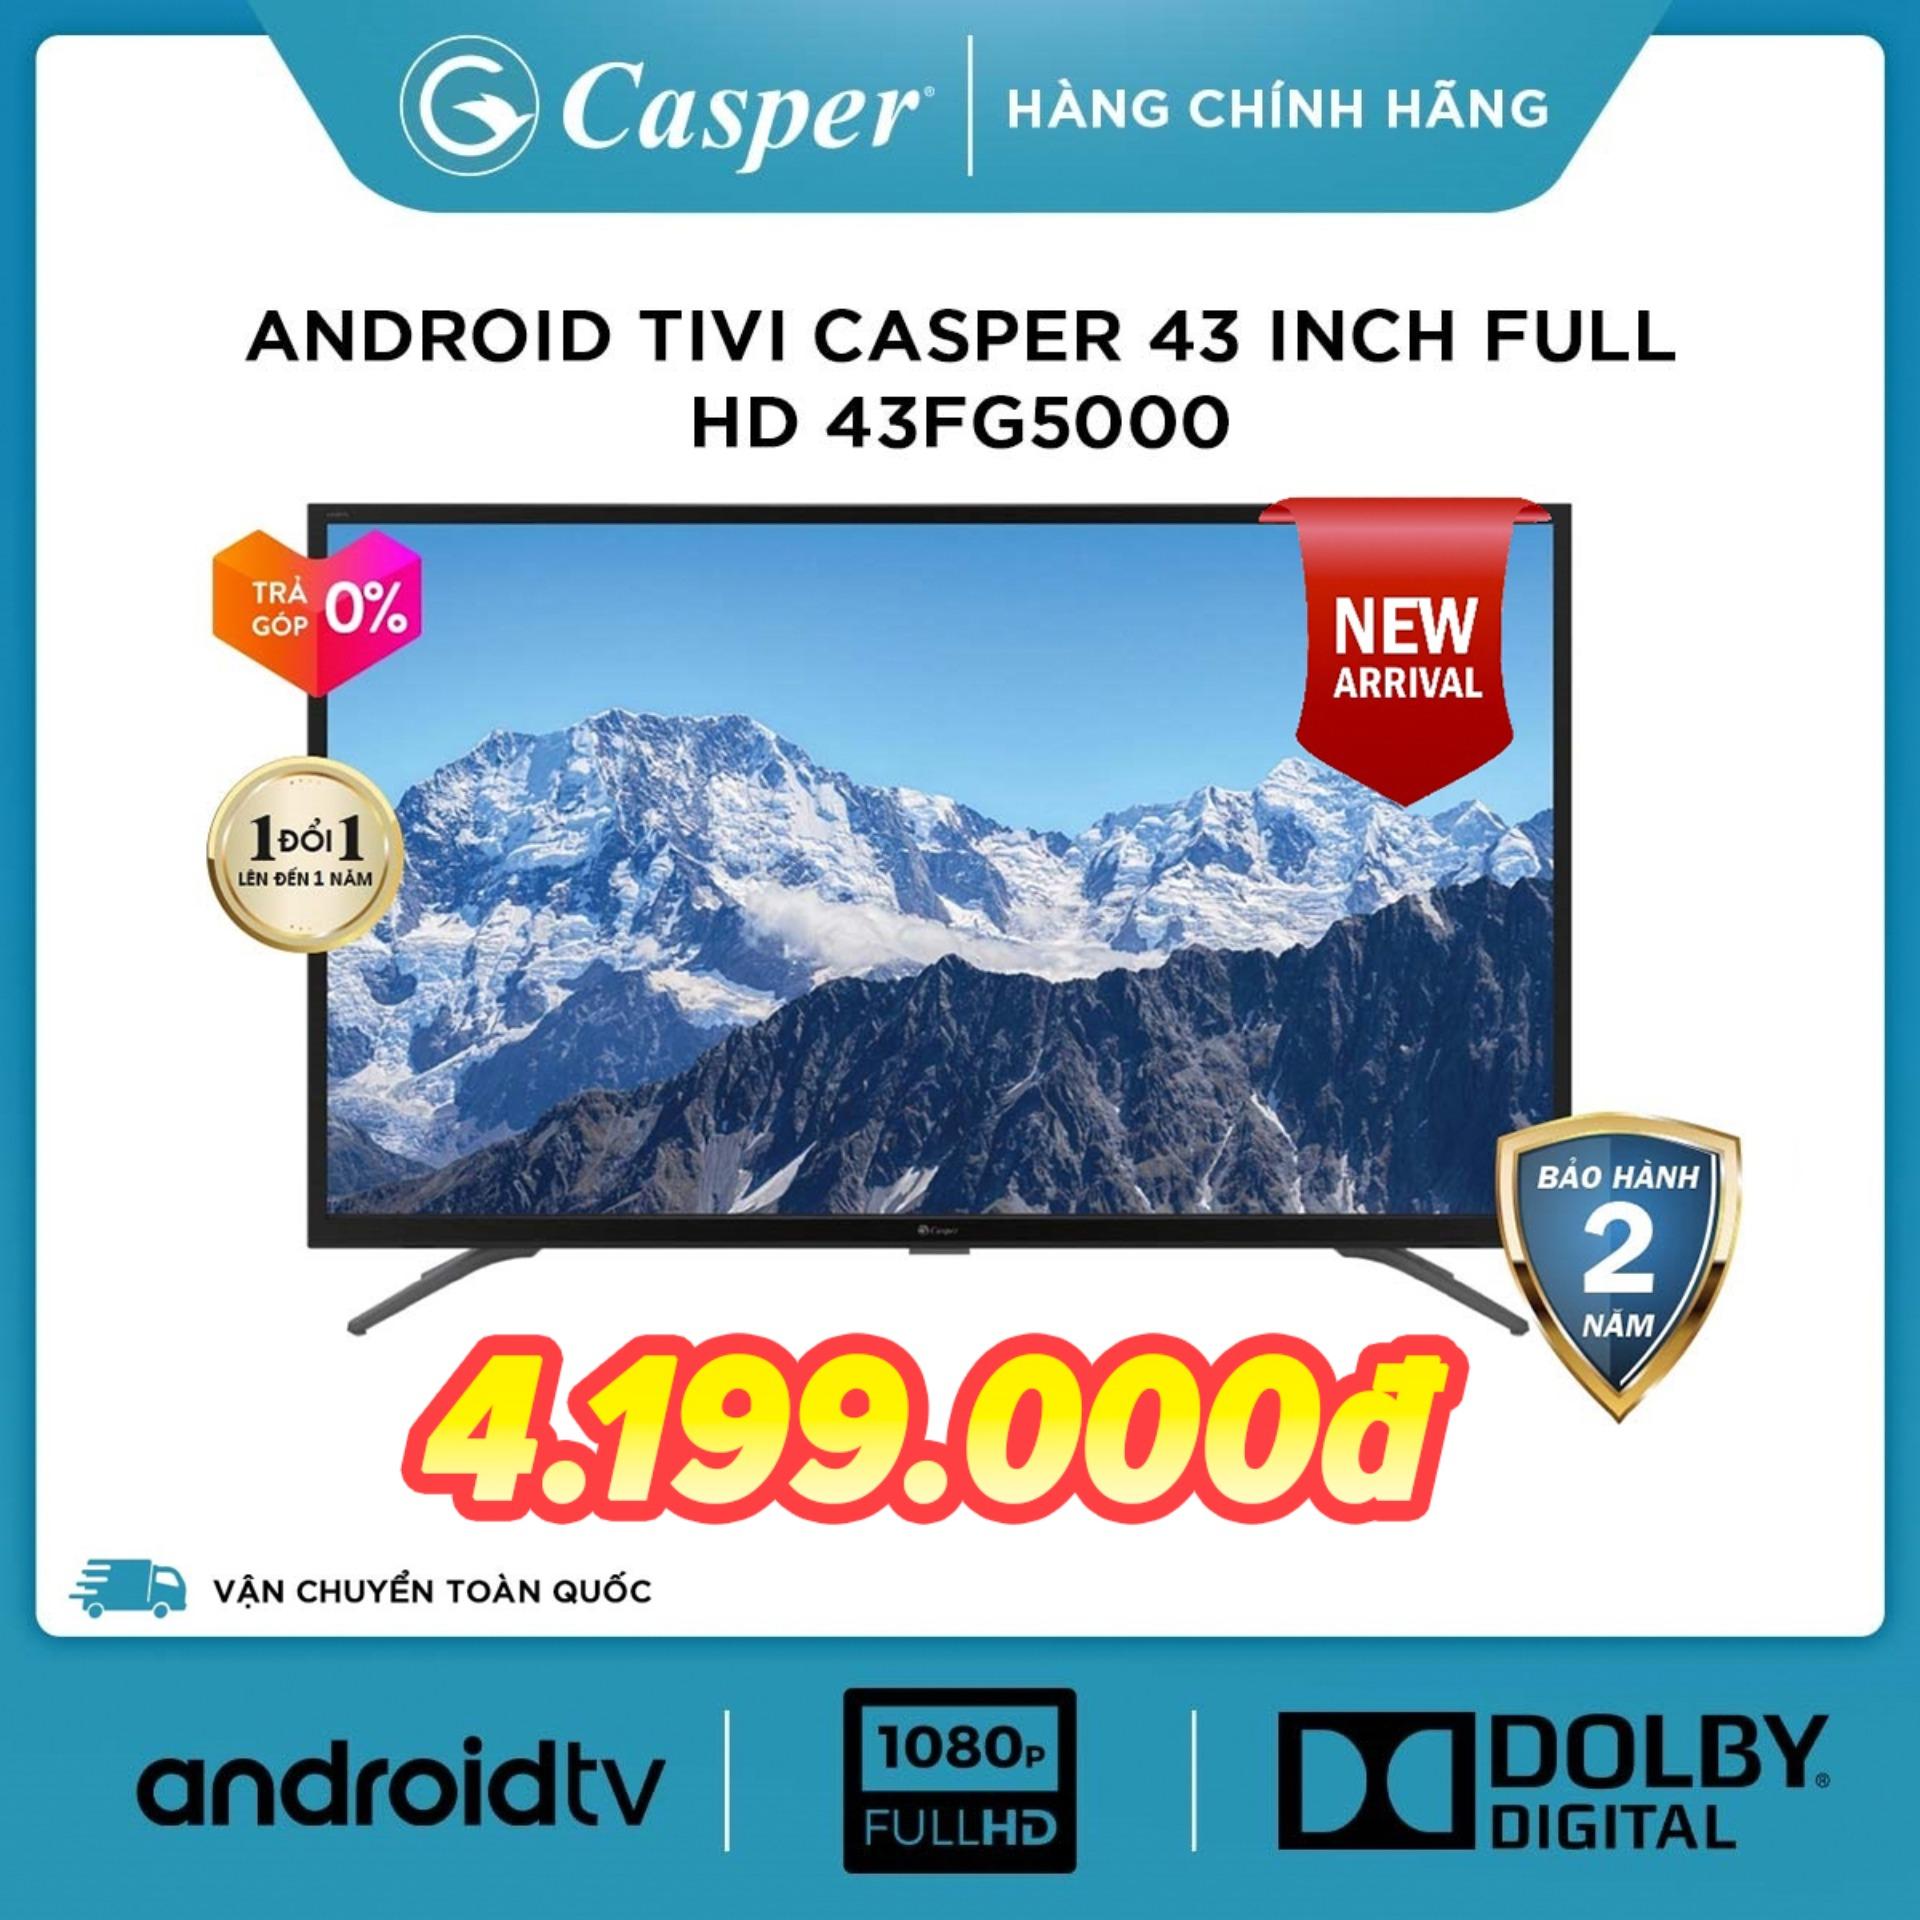 Bảng giá [Voucher 300k] Android Smart Tivi Casper 43 inch Full HD 43FG5000 (Đen) kết nối Internet Wifi - Hàng Thái Lan - Đổi mới 1 năm - Bảo hành 2 năm [Sản phẩm mới] Điện máy Pico